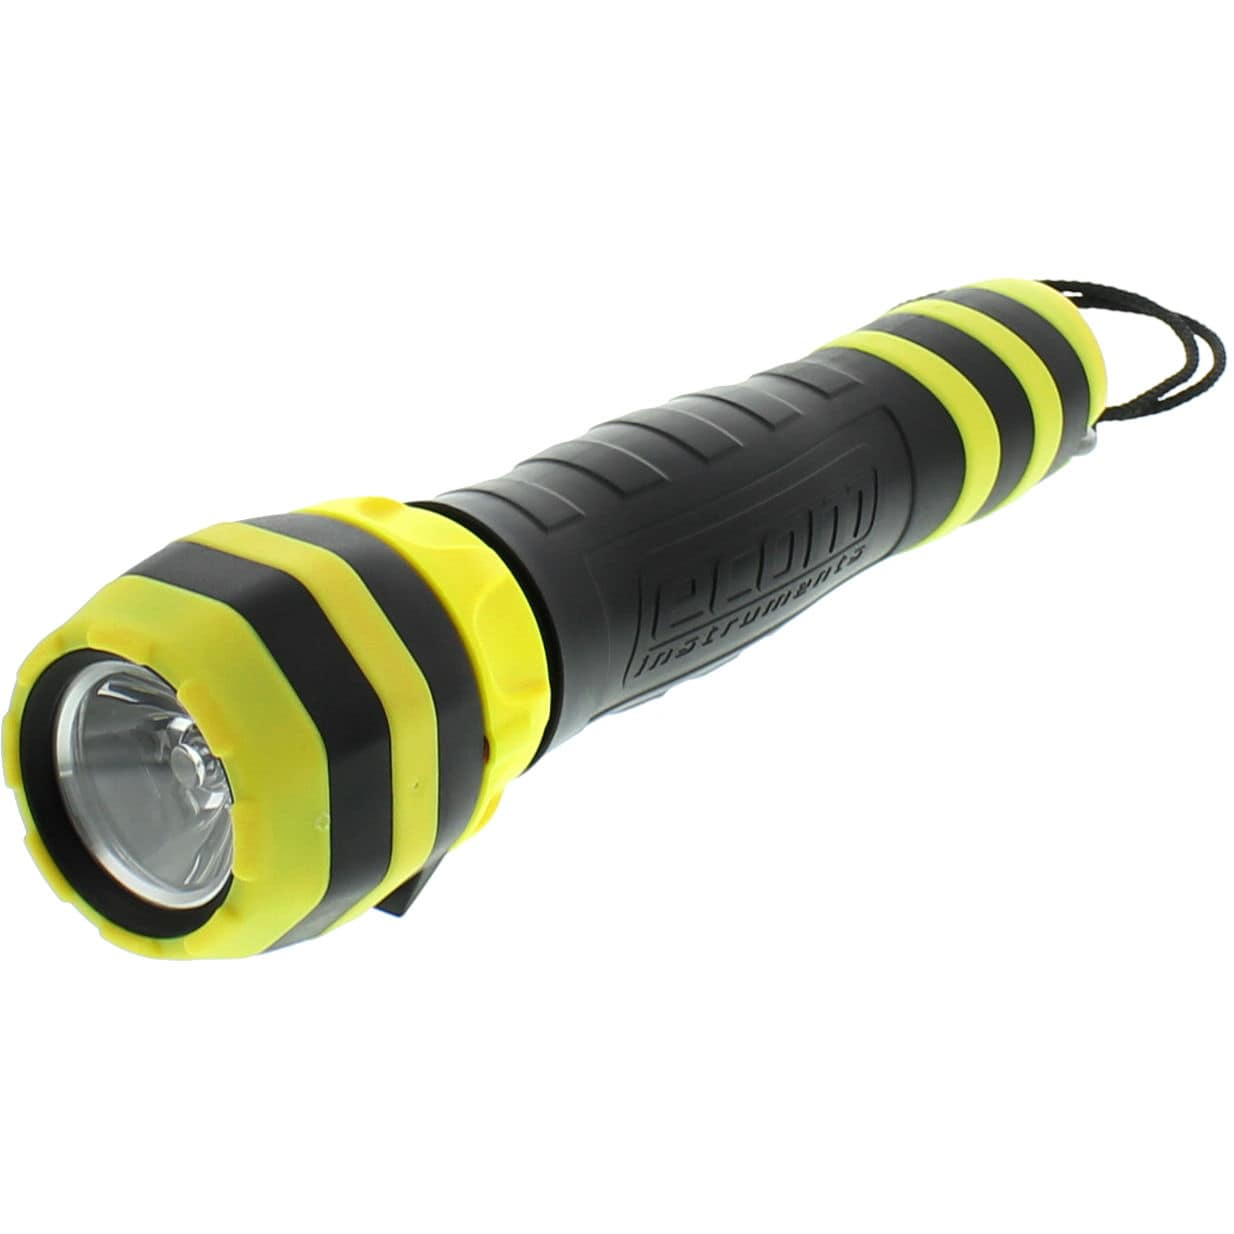 À Zones Led Dangereuses Intrinsèque Lampe Sécurité Torche Pour 9WEDH2I